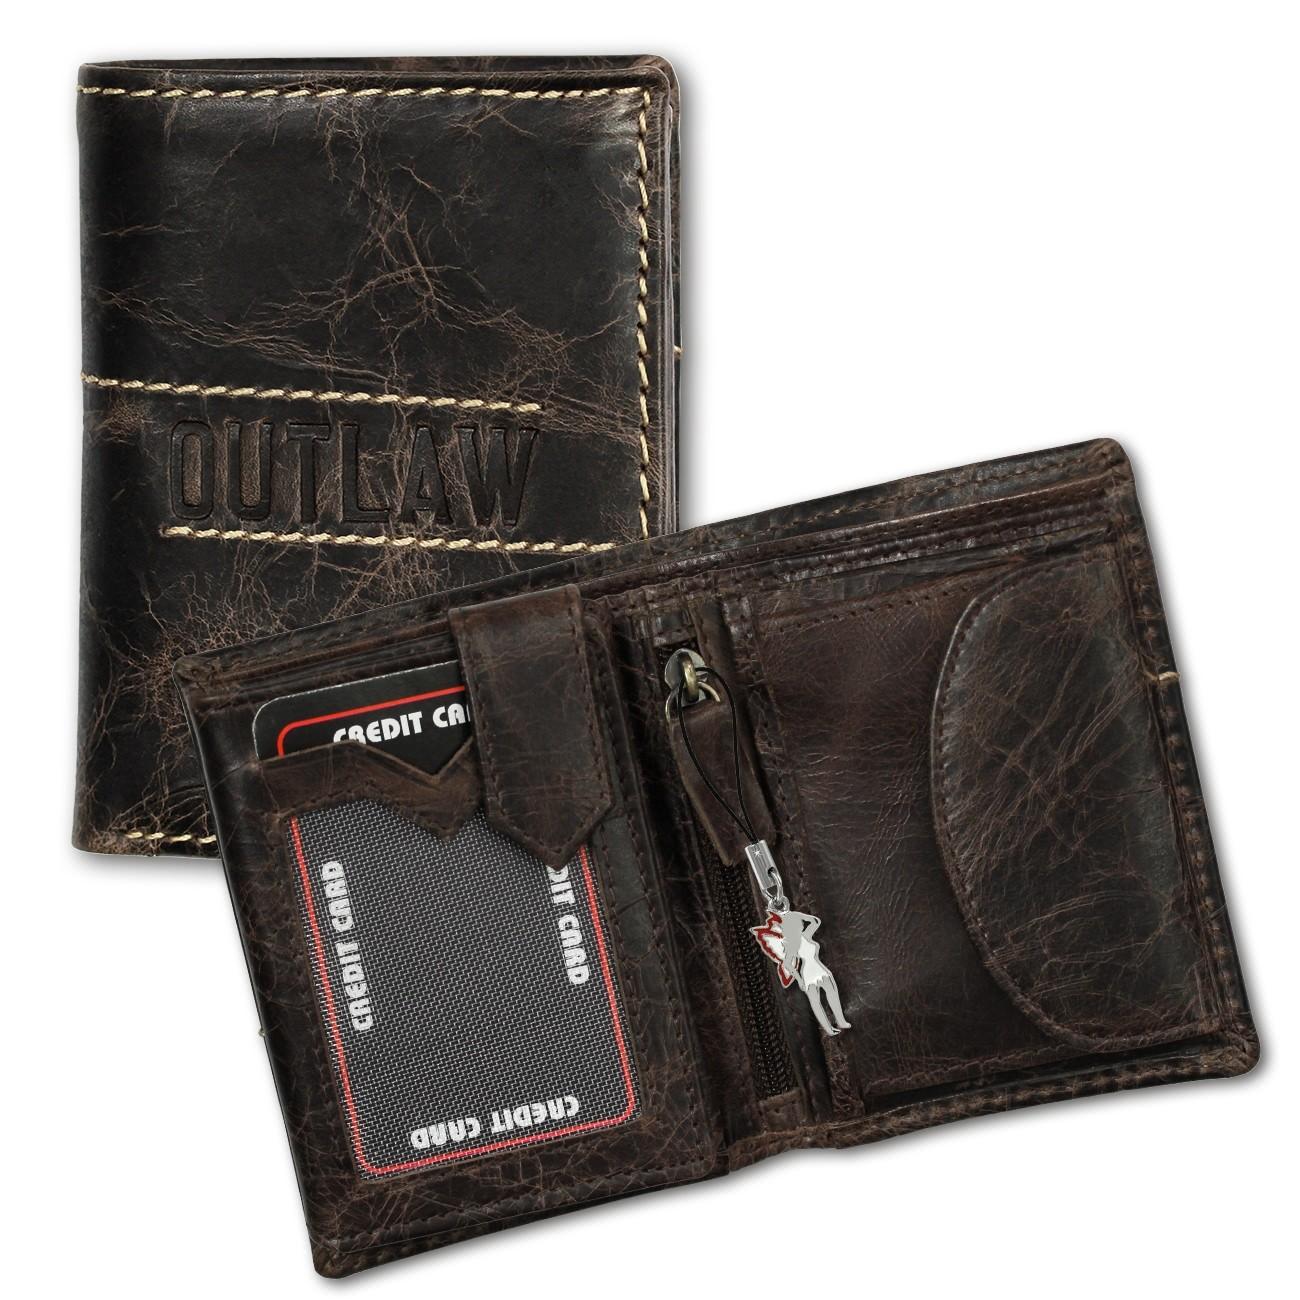 DrachenLeder Geldbörse Leder braun Geldbeutel Portemonnaie Brieftasche OPD106N